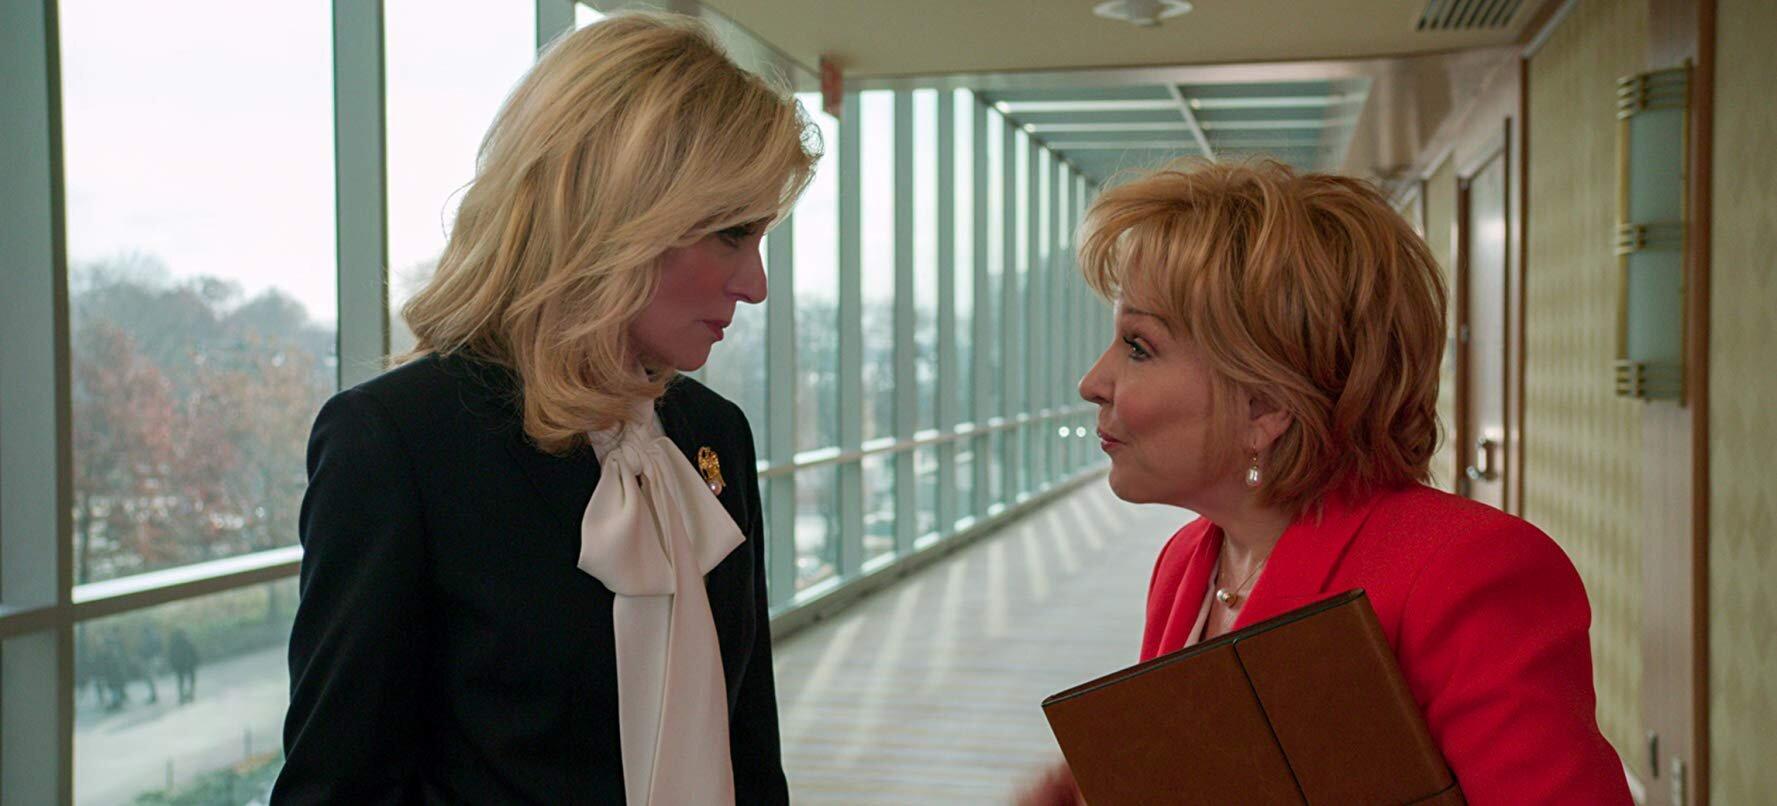 E o último capítulo… - Judith Light e Bette Midler em uma série de Ryan Murphy? Certo: TÔ DENTRO!